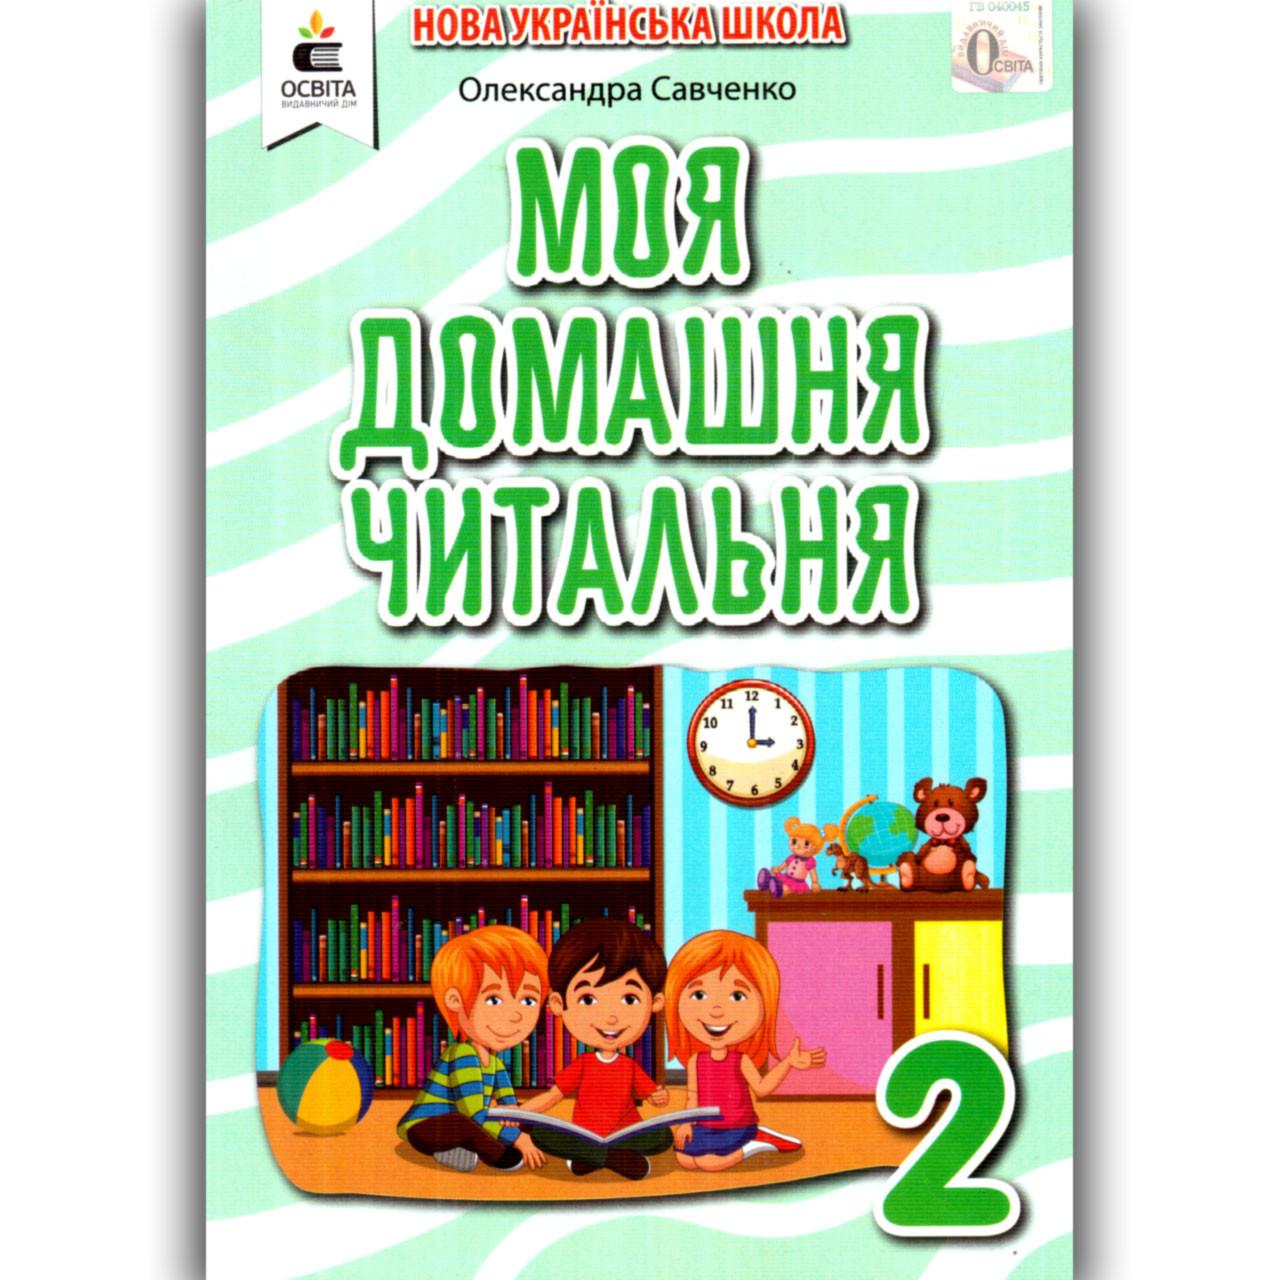 Позакласне читання Моя домашня читальня 2 клас Авт: Савченко О. Вид: Освіта